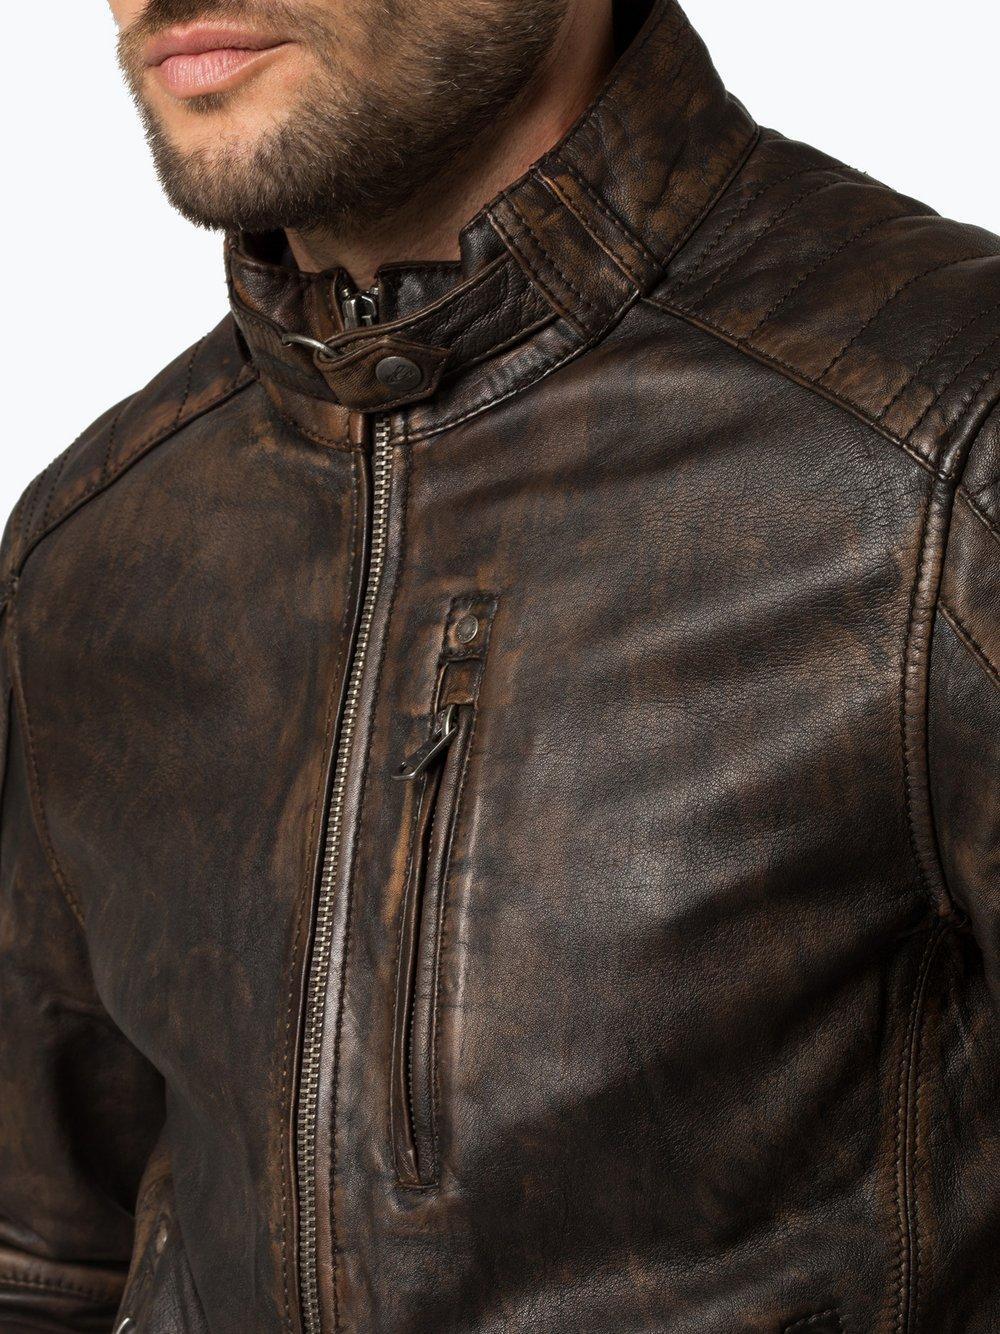 release date buying now performance sportswear Camel Active Herren Lederjacke online kaufen | VANGRAAF.COM